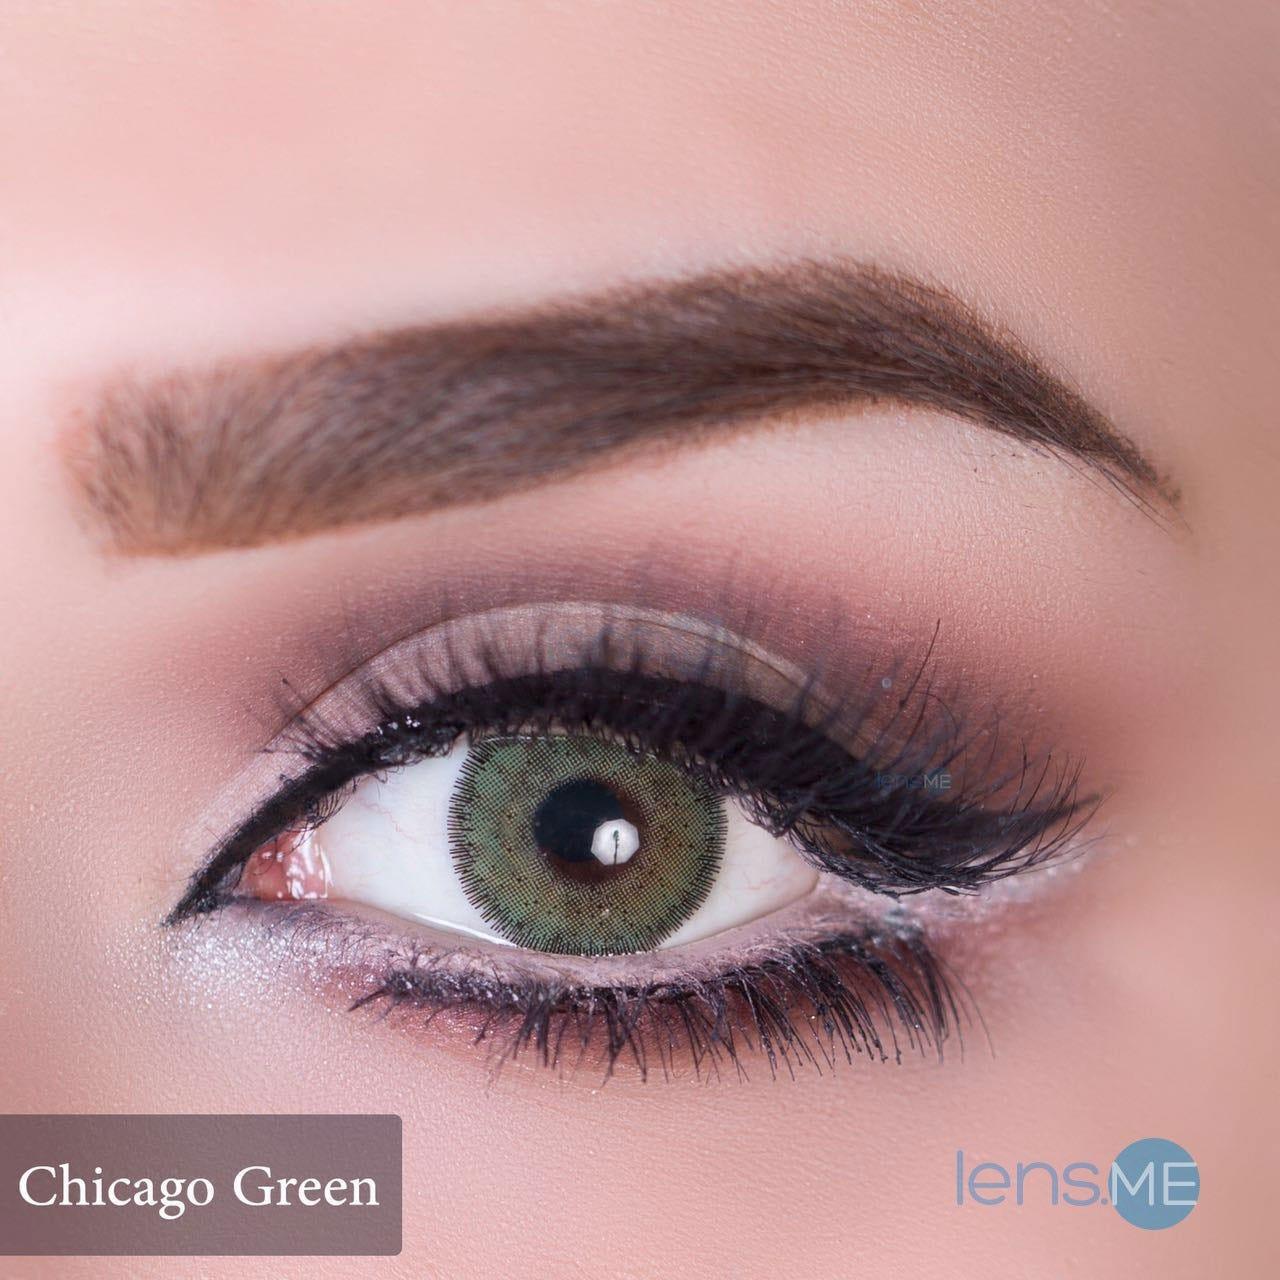 Color contact lenses online shop - Anesthesia Usa Chicago Green 2 Lenses